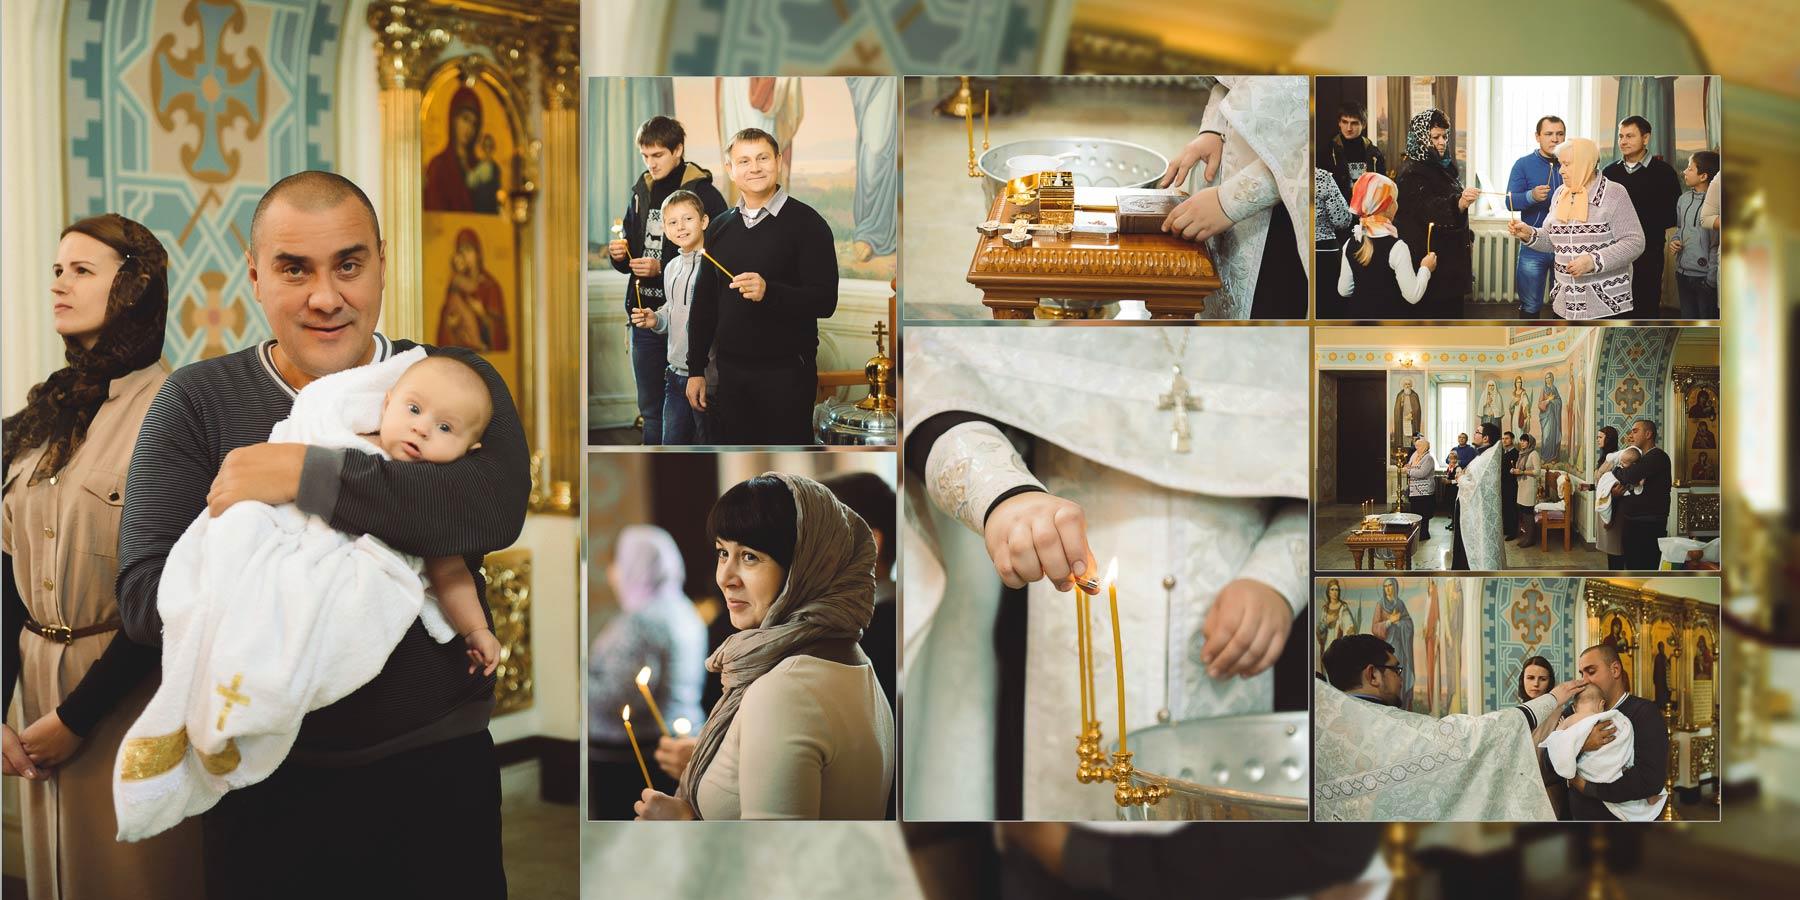 Семейный фотограф в Москве, семейный фотограф в Серпухове, семейный фотограф в Чехове, детский фотограф Серпухов, детский фотограф Москва, детский фотограф Чехов